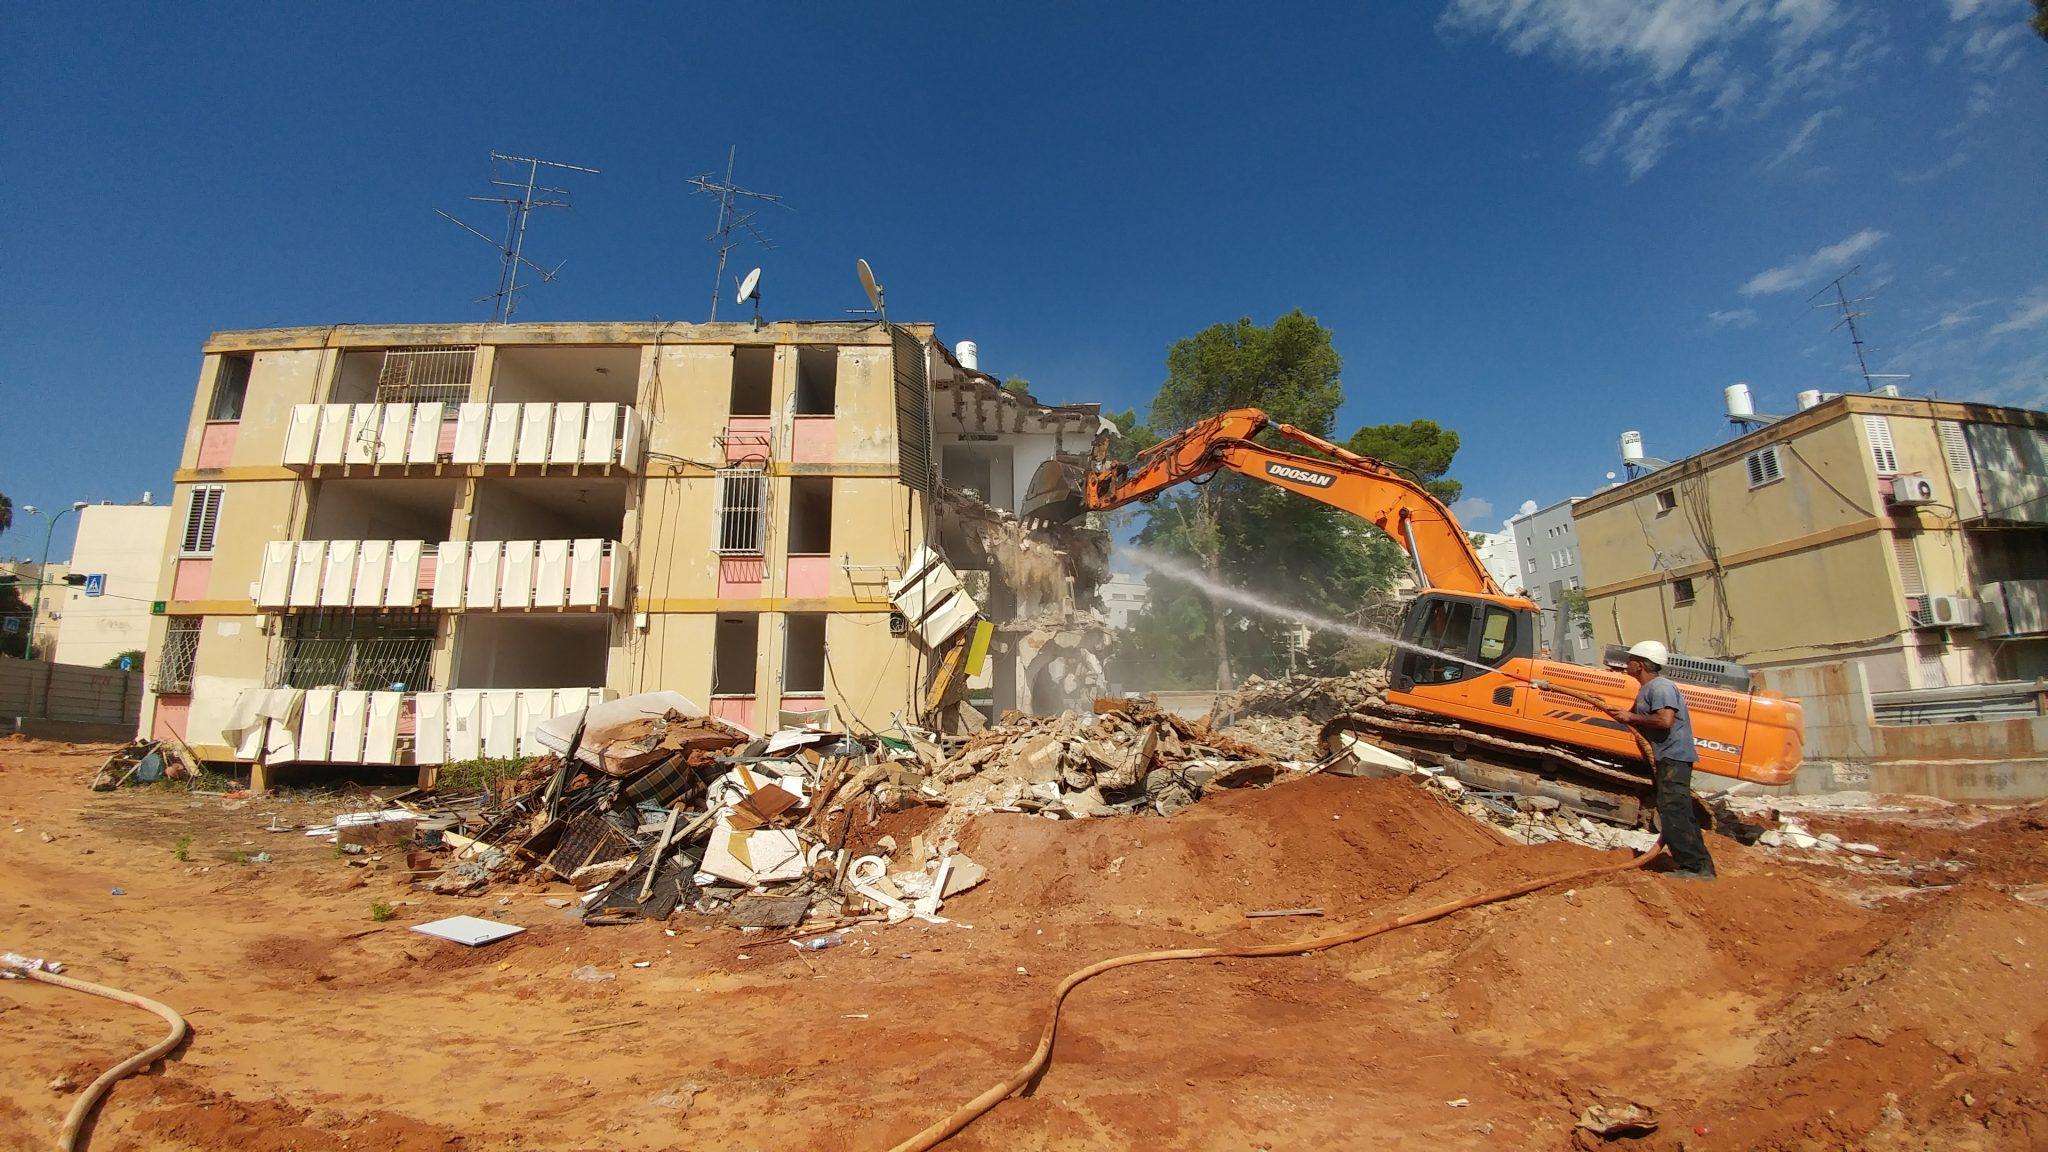 צפו: פינוי בינוי – הריסת בניין בשכונת שעריה בפתח תקווה